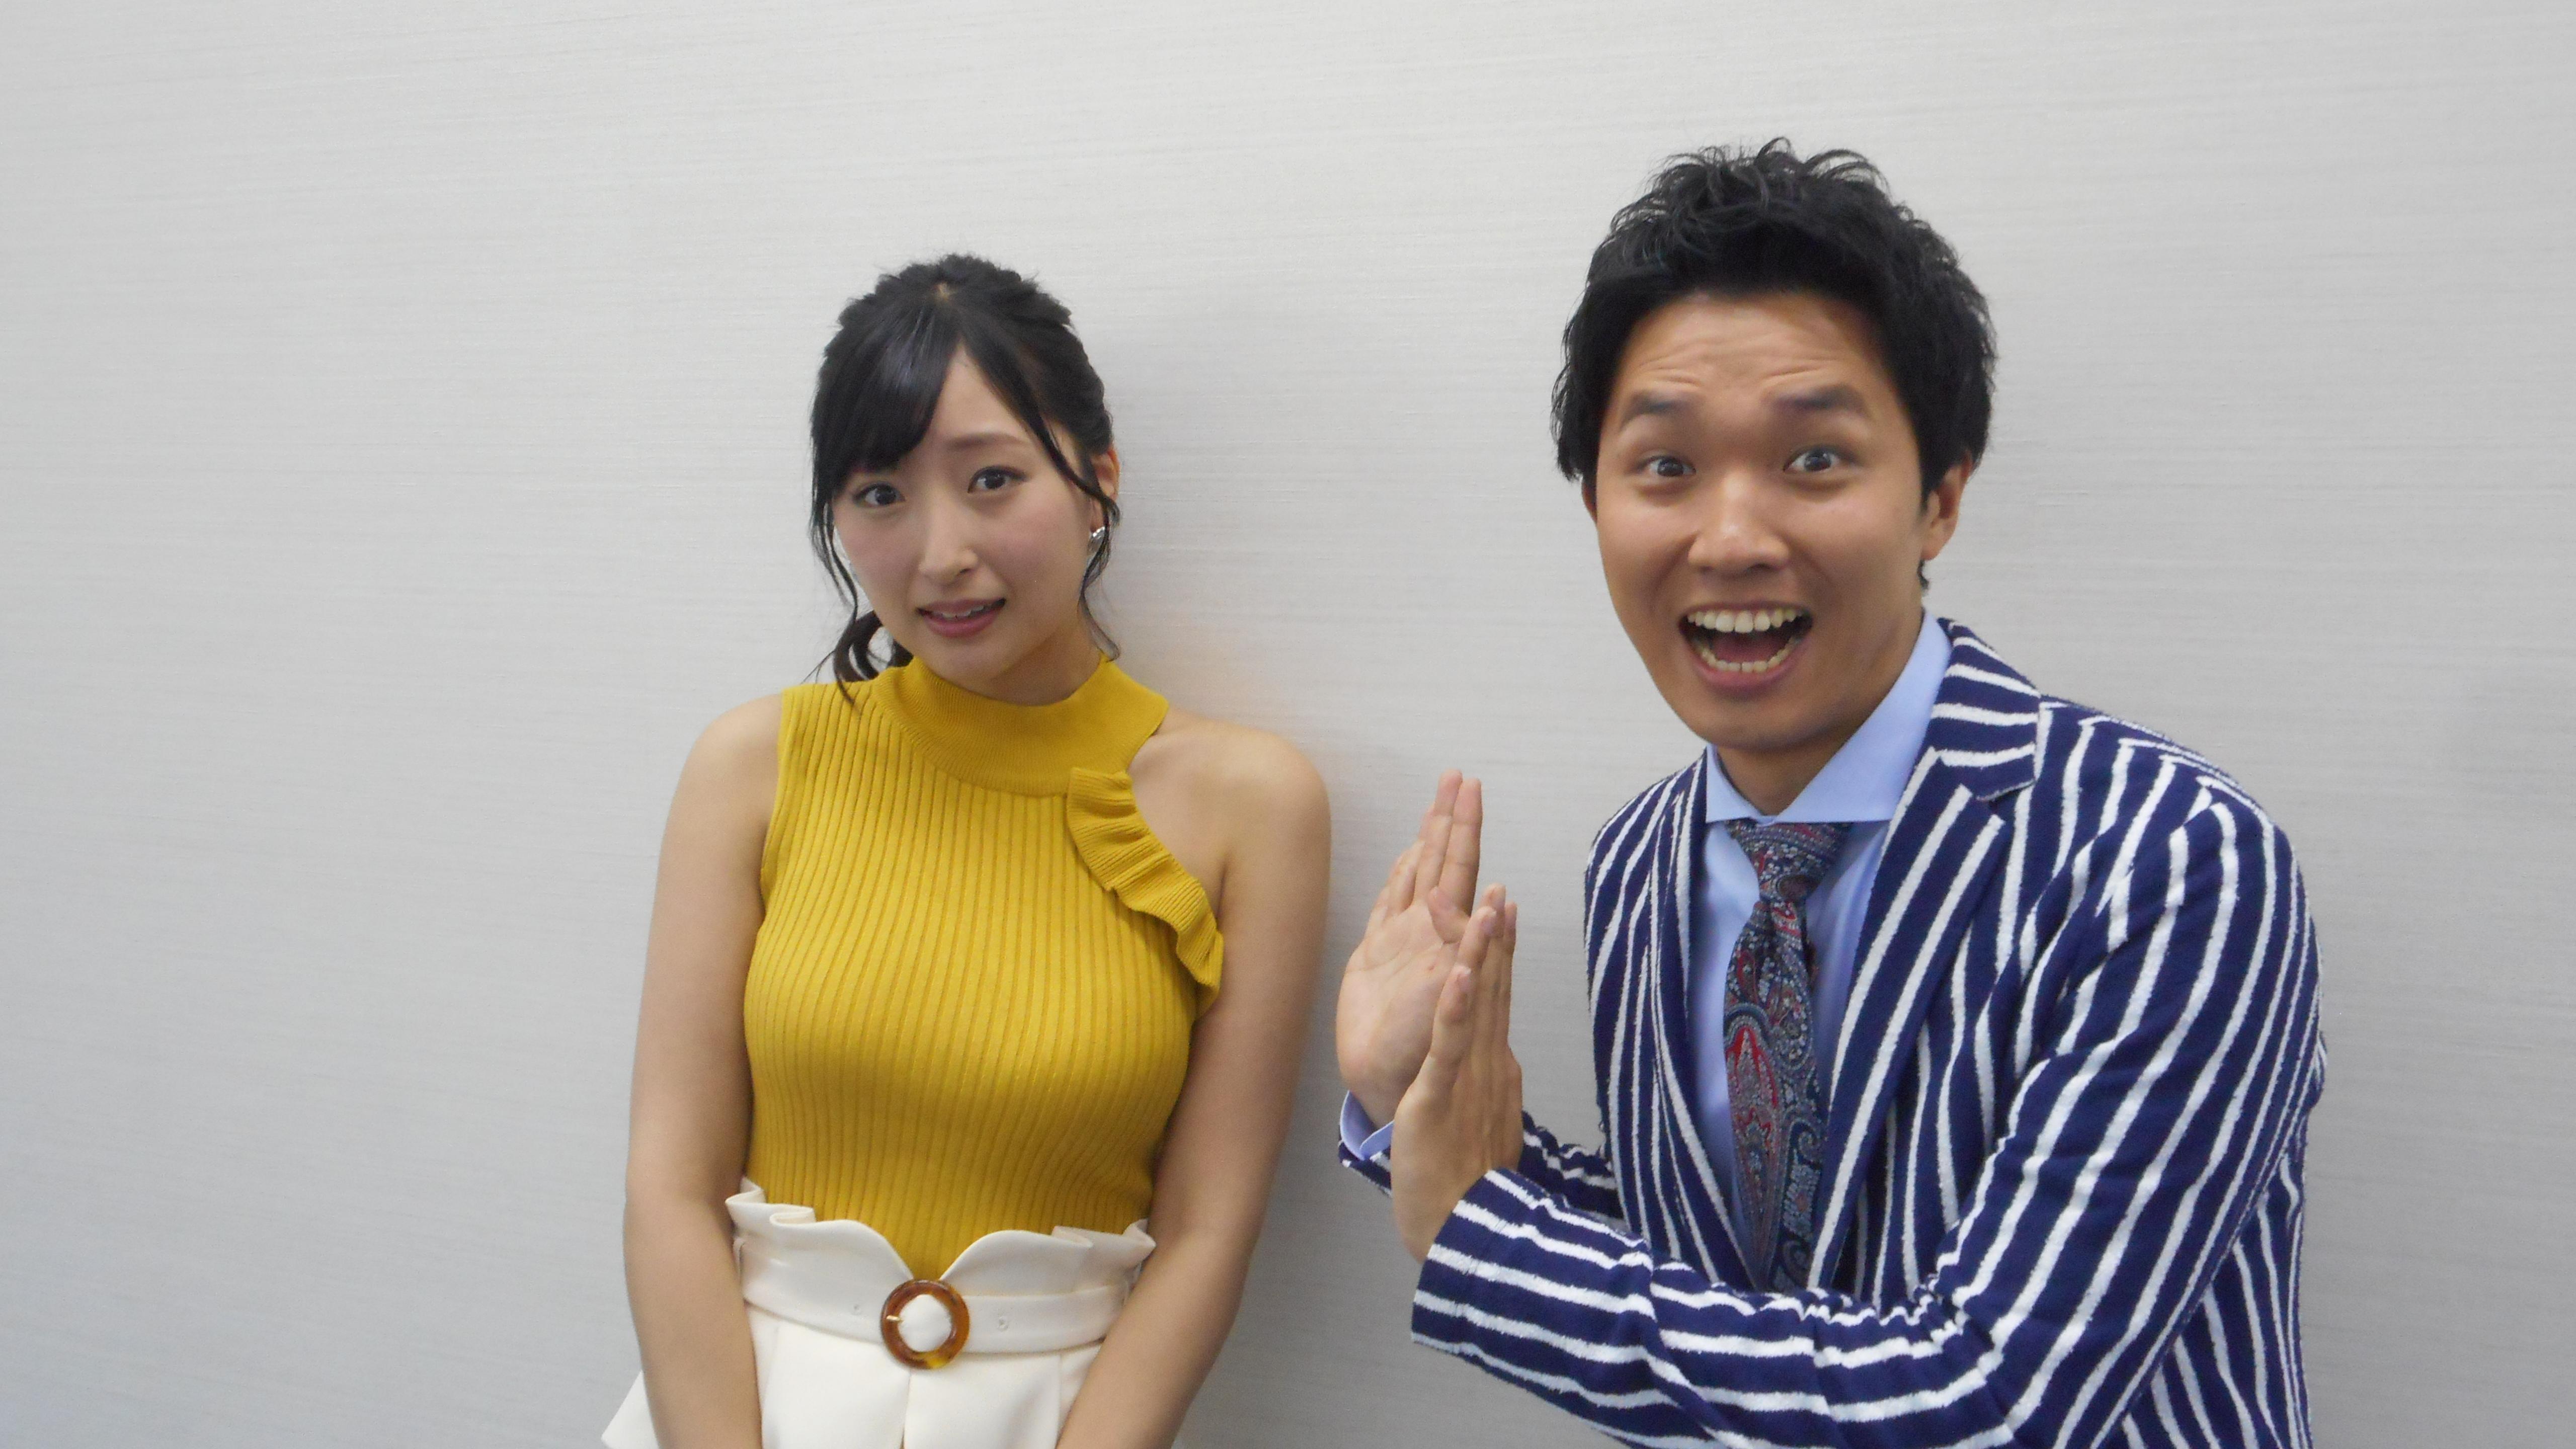 (5月20日放送分)データを元に予想を練る瀬名葉月さんと先週に引続き渡辺裕太さんが登場!